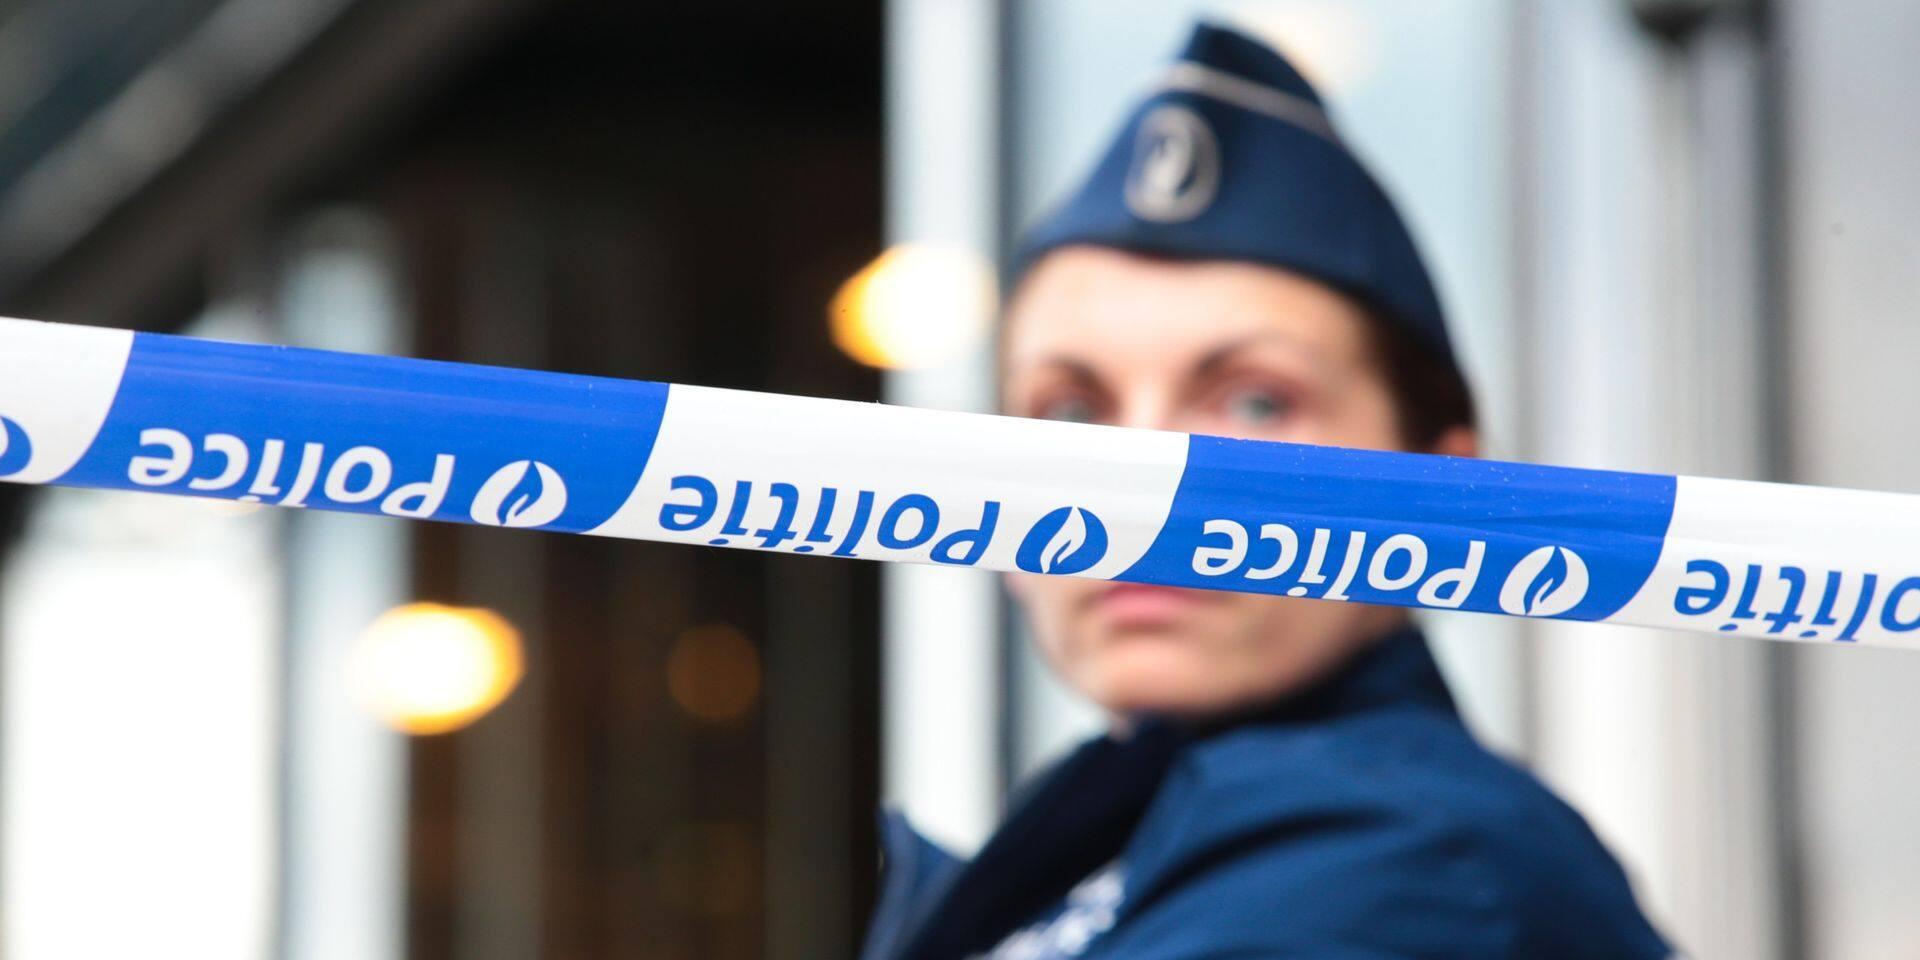 Contrôle du couvre-feu à Bruxelles : un automobiliste tente d'écraser un policier !